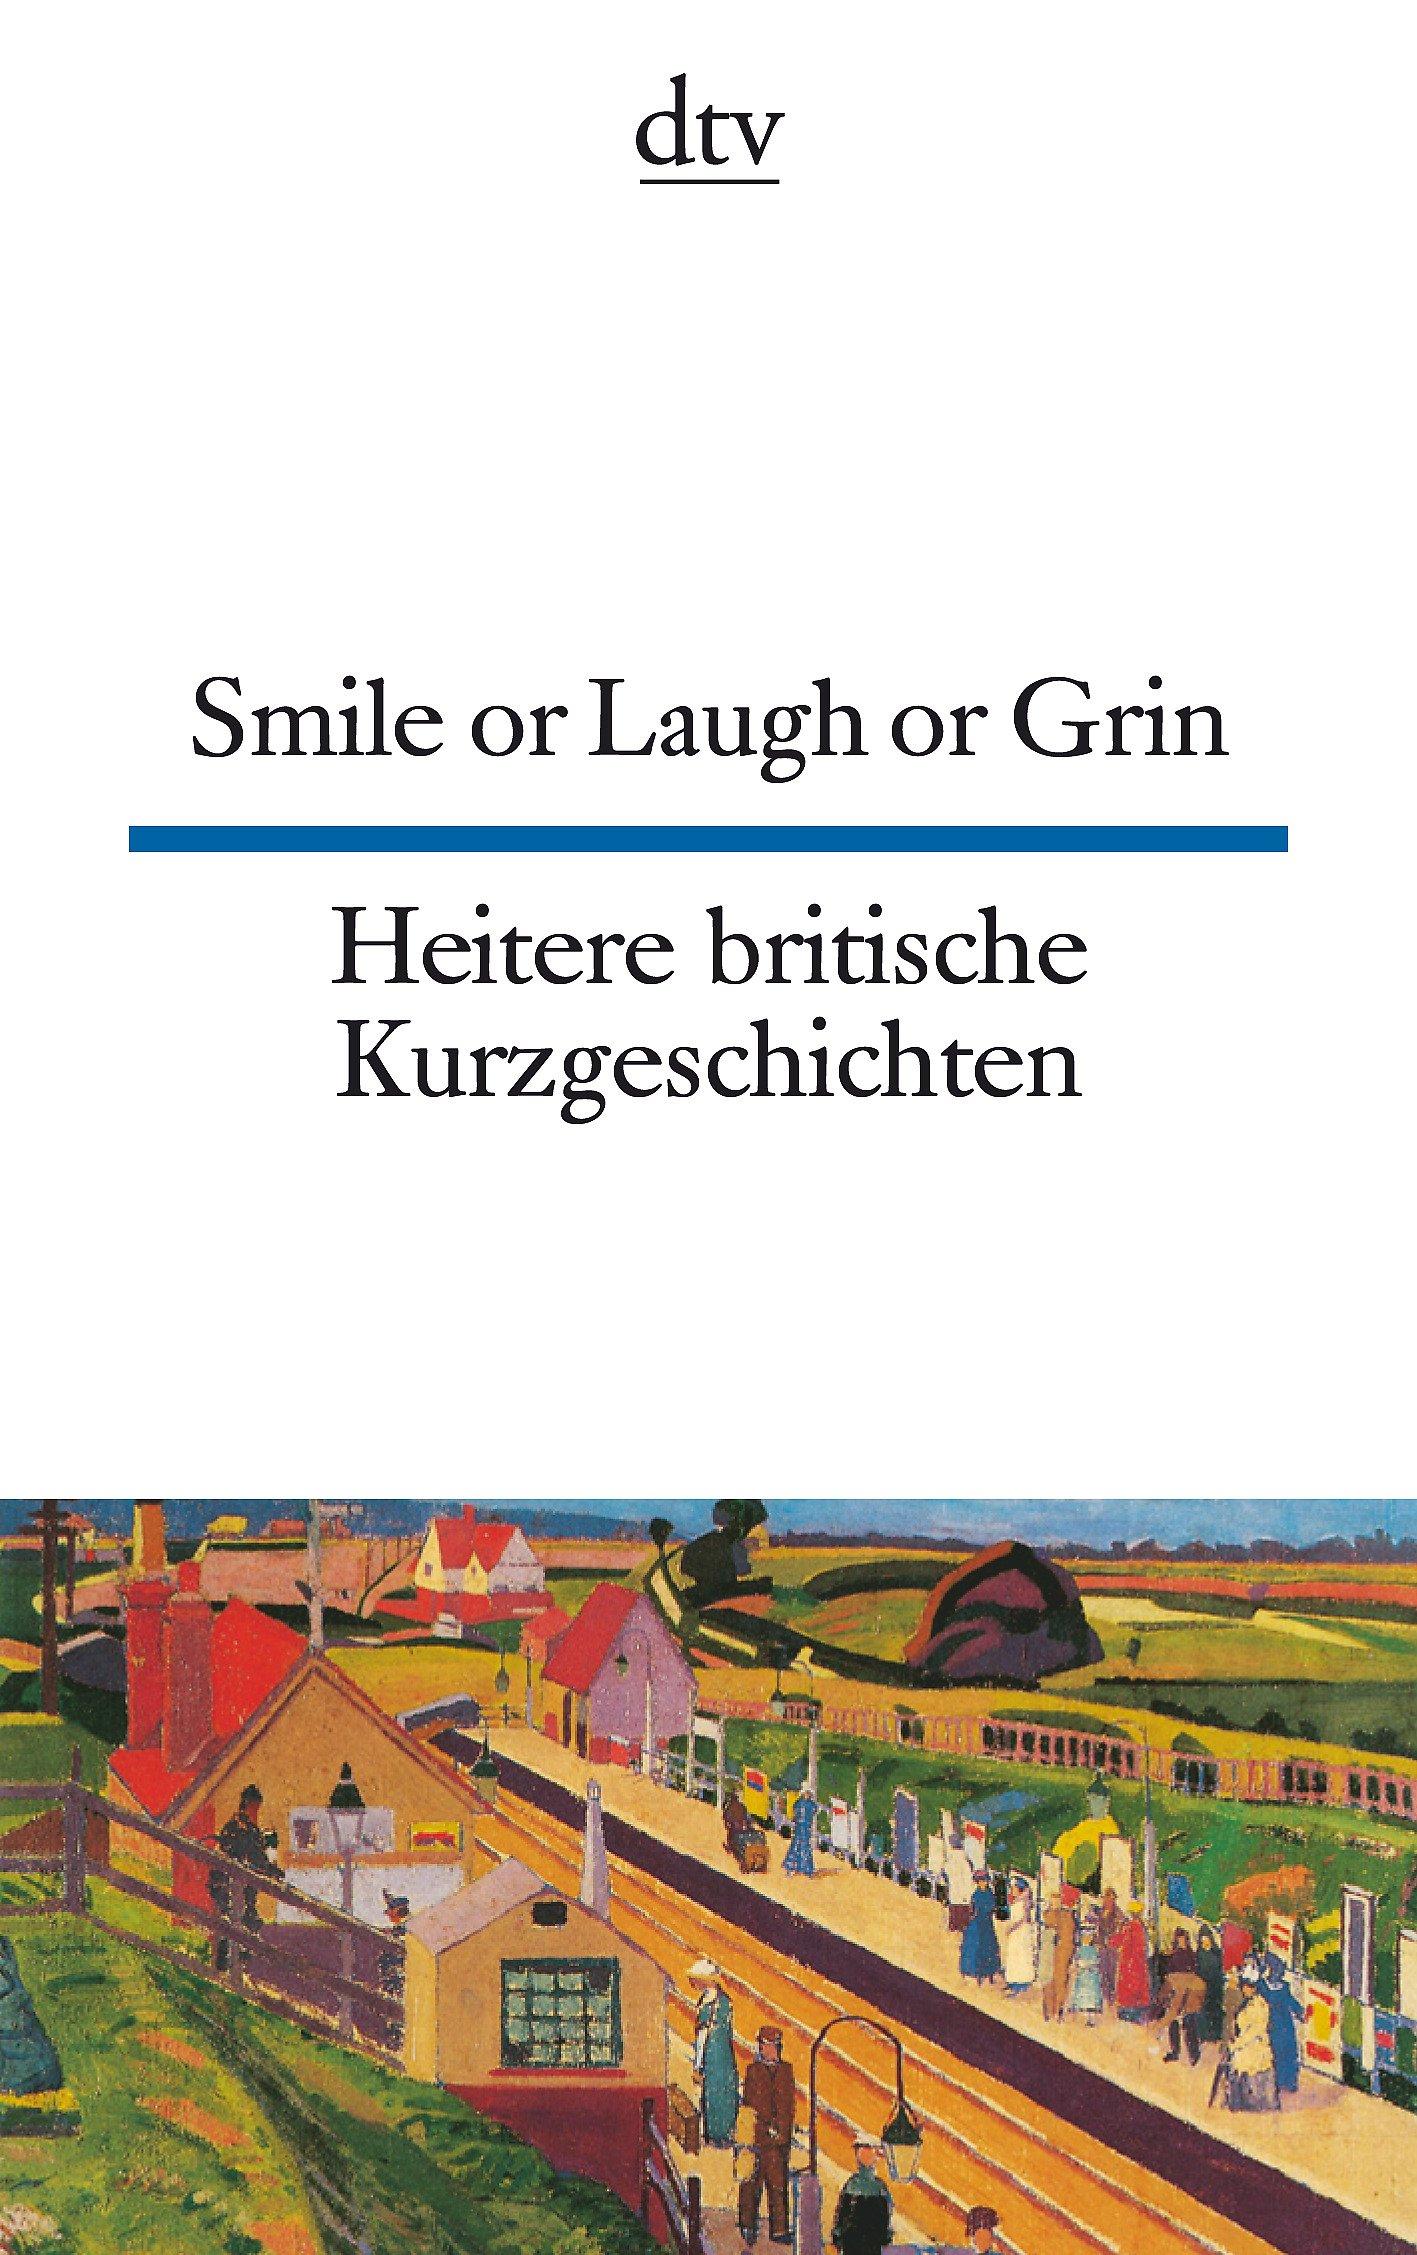 smile-or-laugh-or-grin-heitere-britische-kurzgeschichten-dtv-zweisprachig